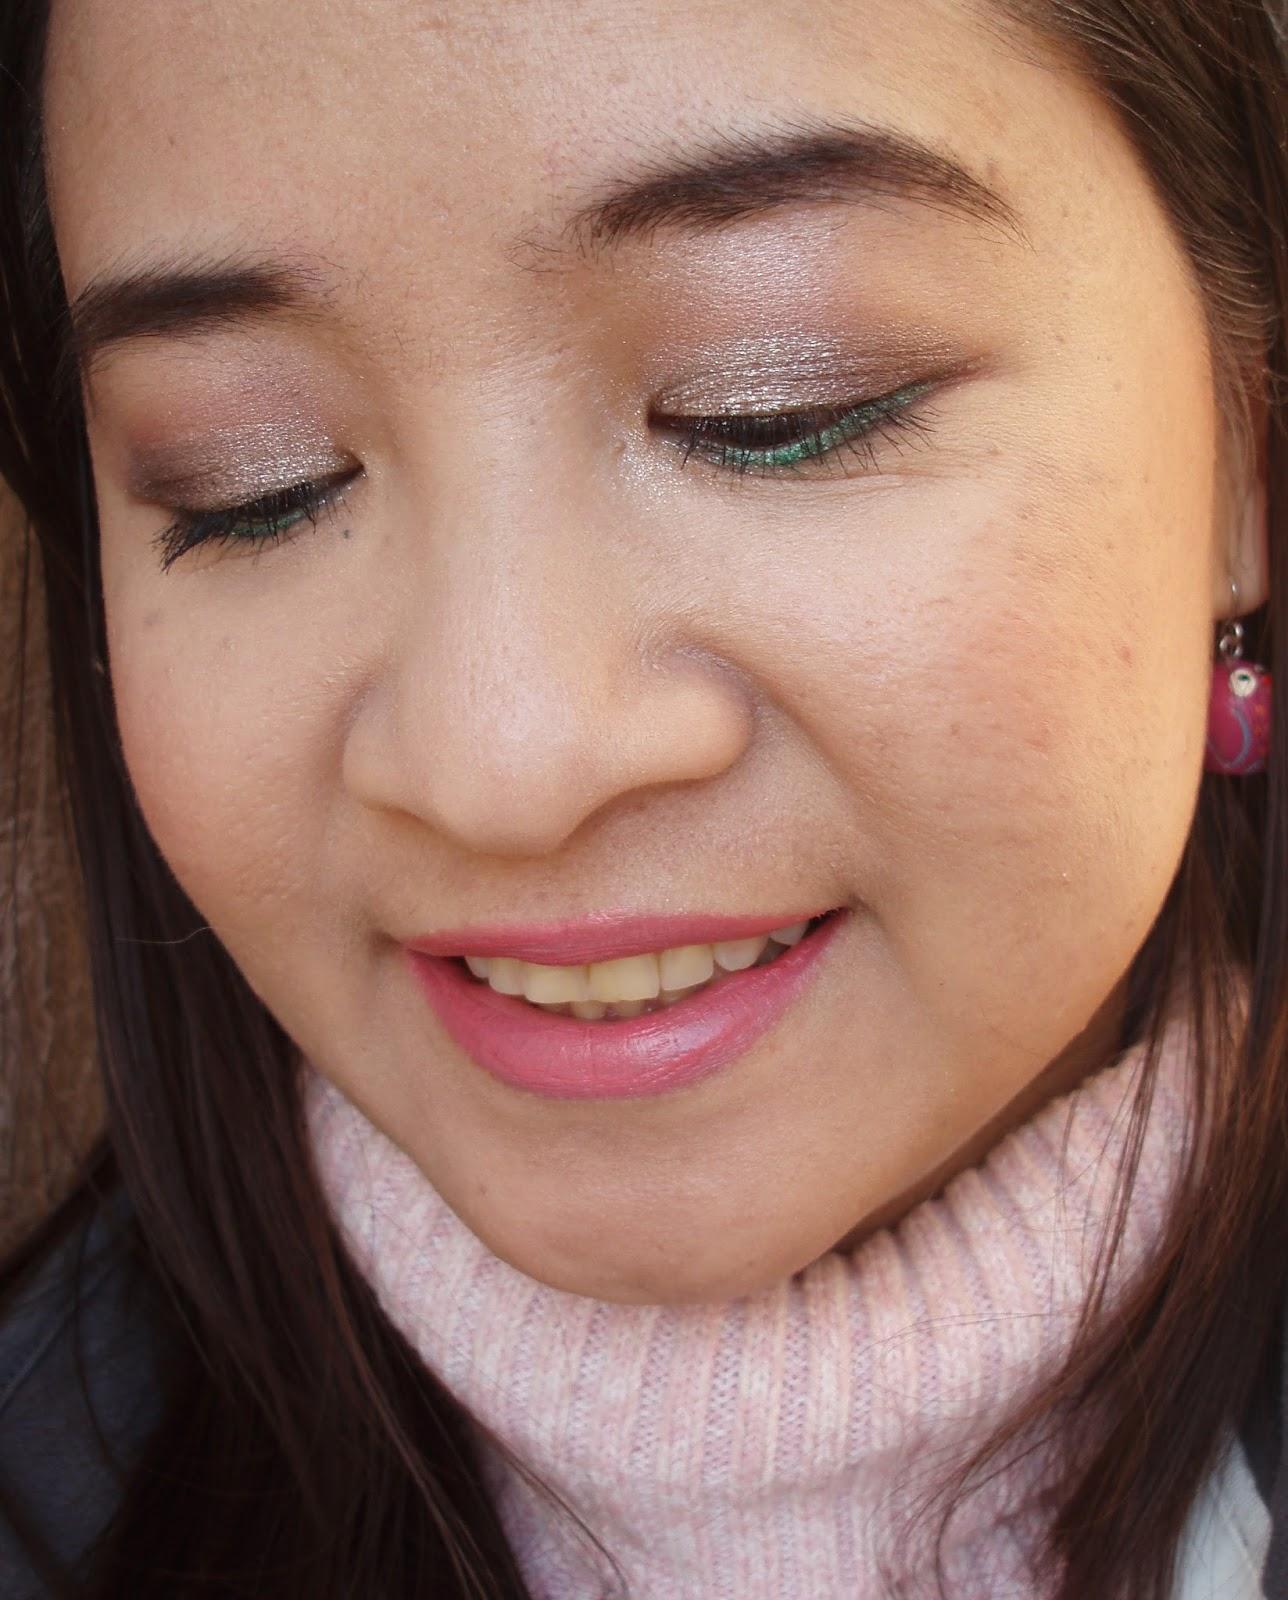 HD Chestnut Beauty Wallpaper   Download Free - 111443  Chestnut Beauty